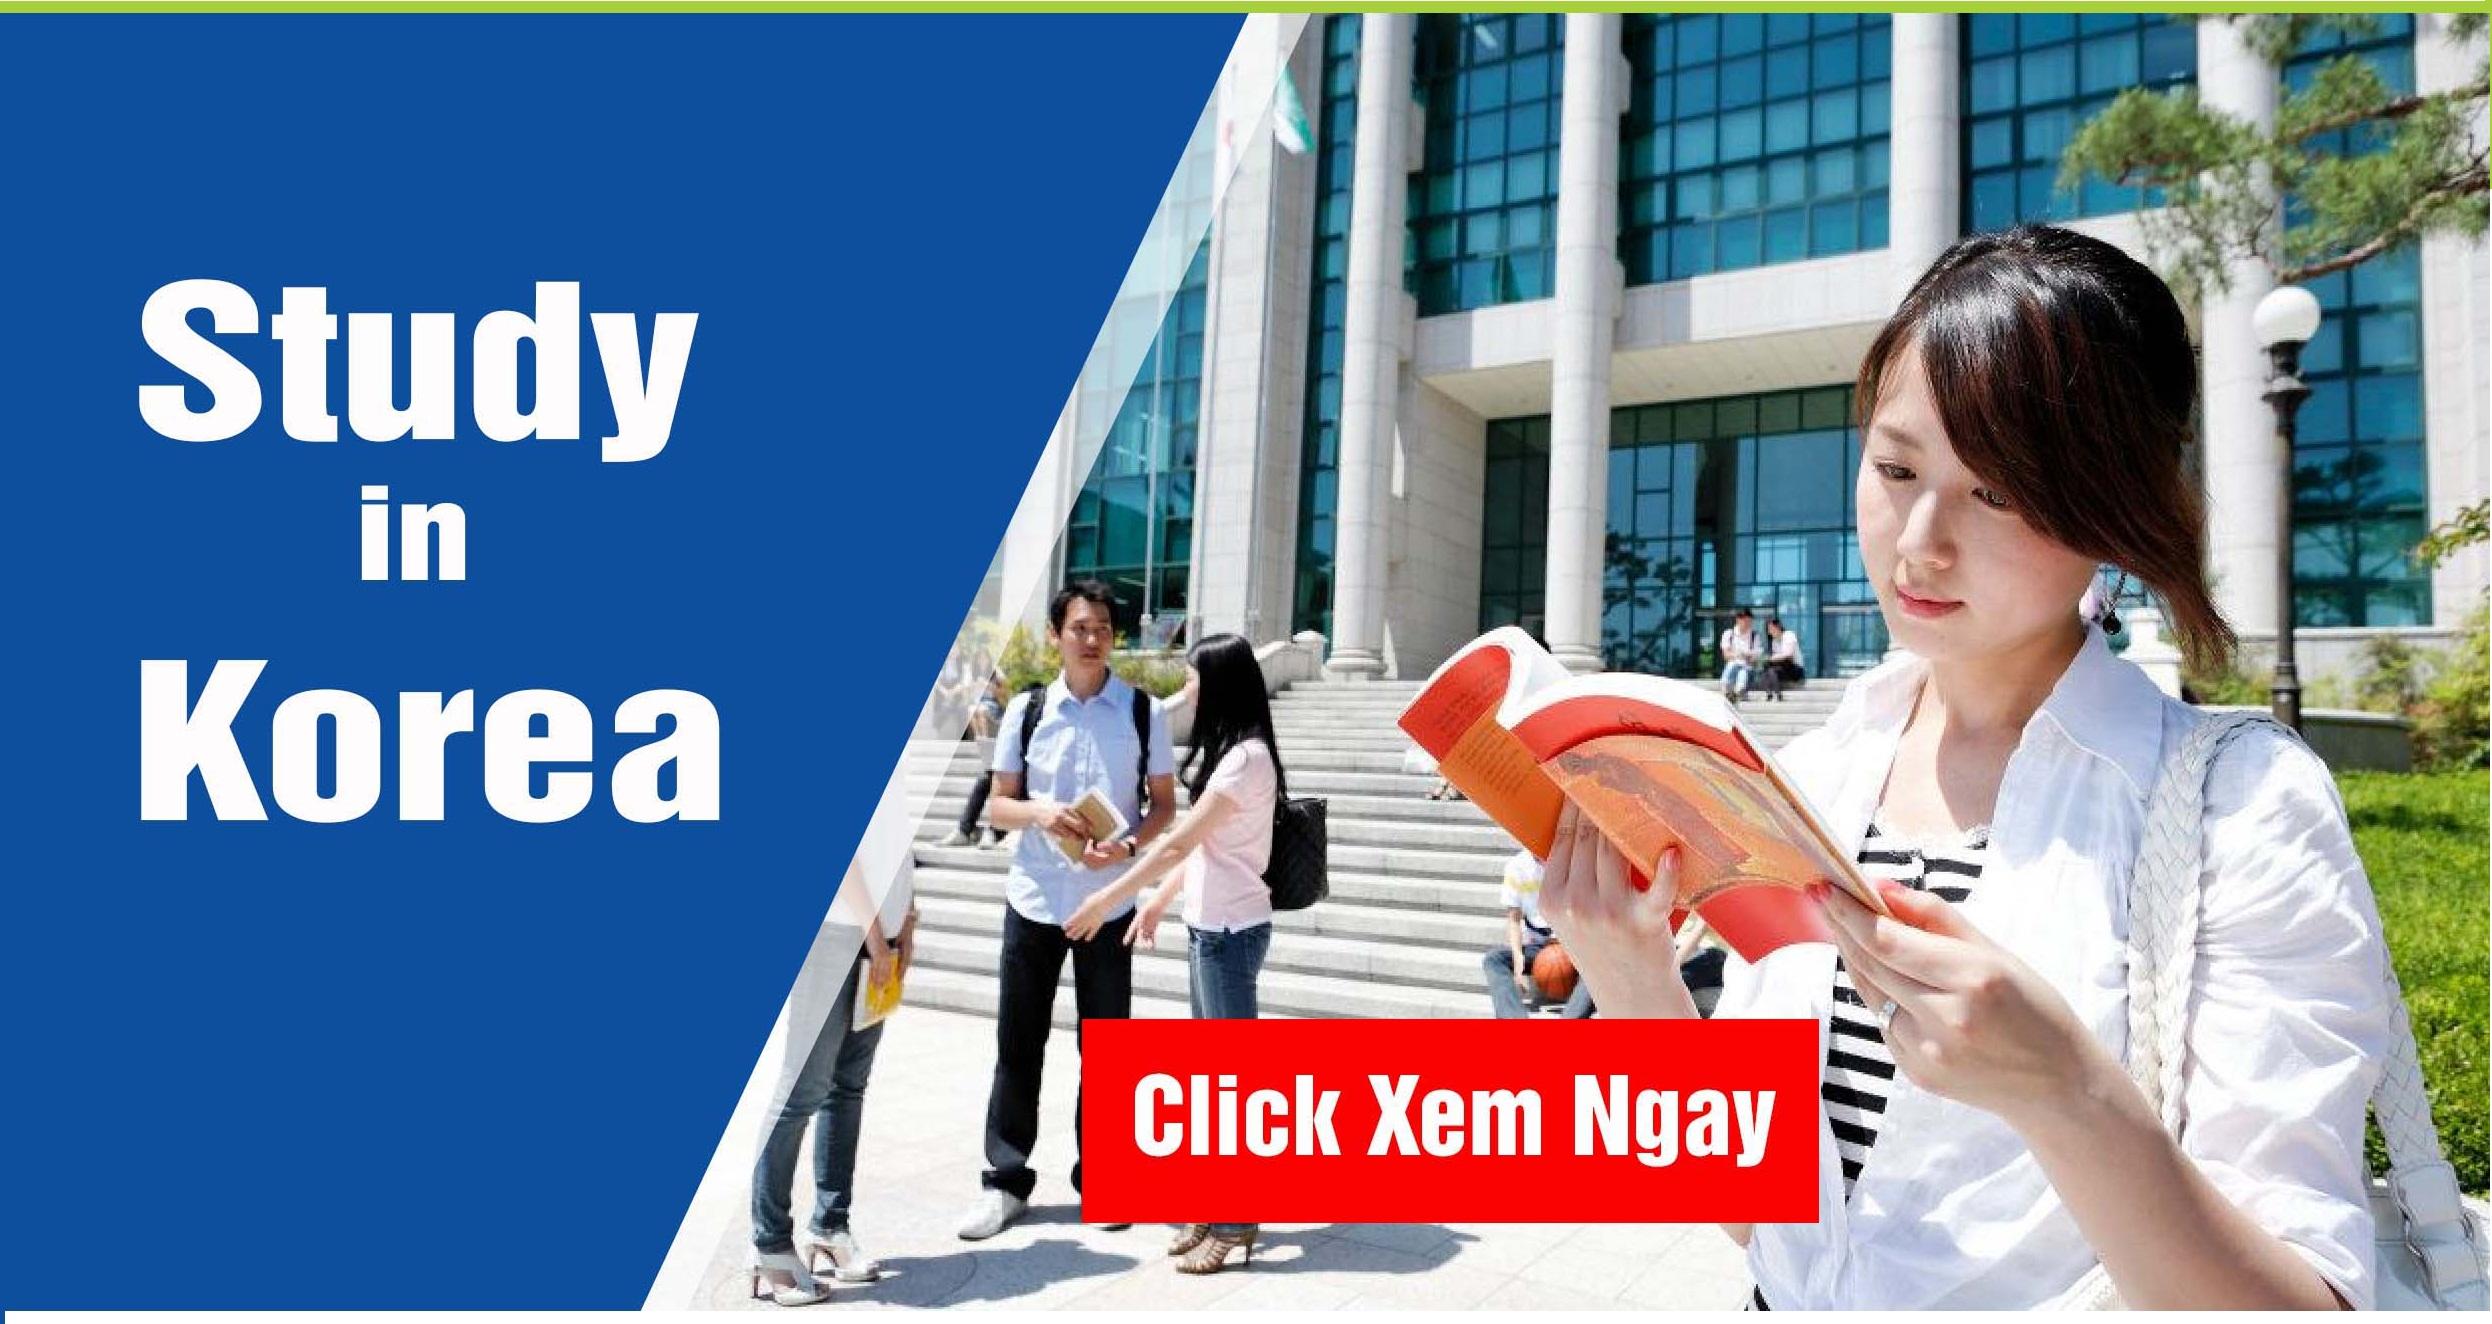 Các bước tham gia đi du học Hàn Quốc chuẩn nhất